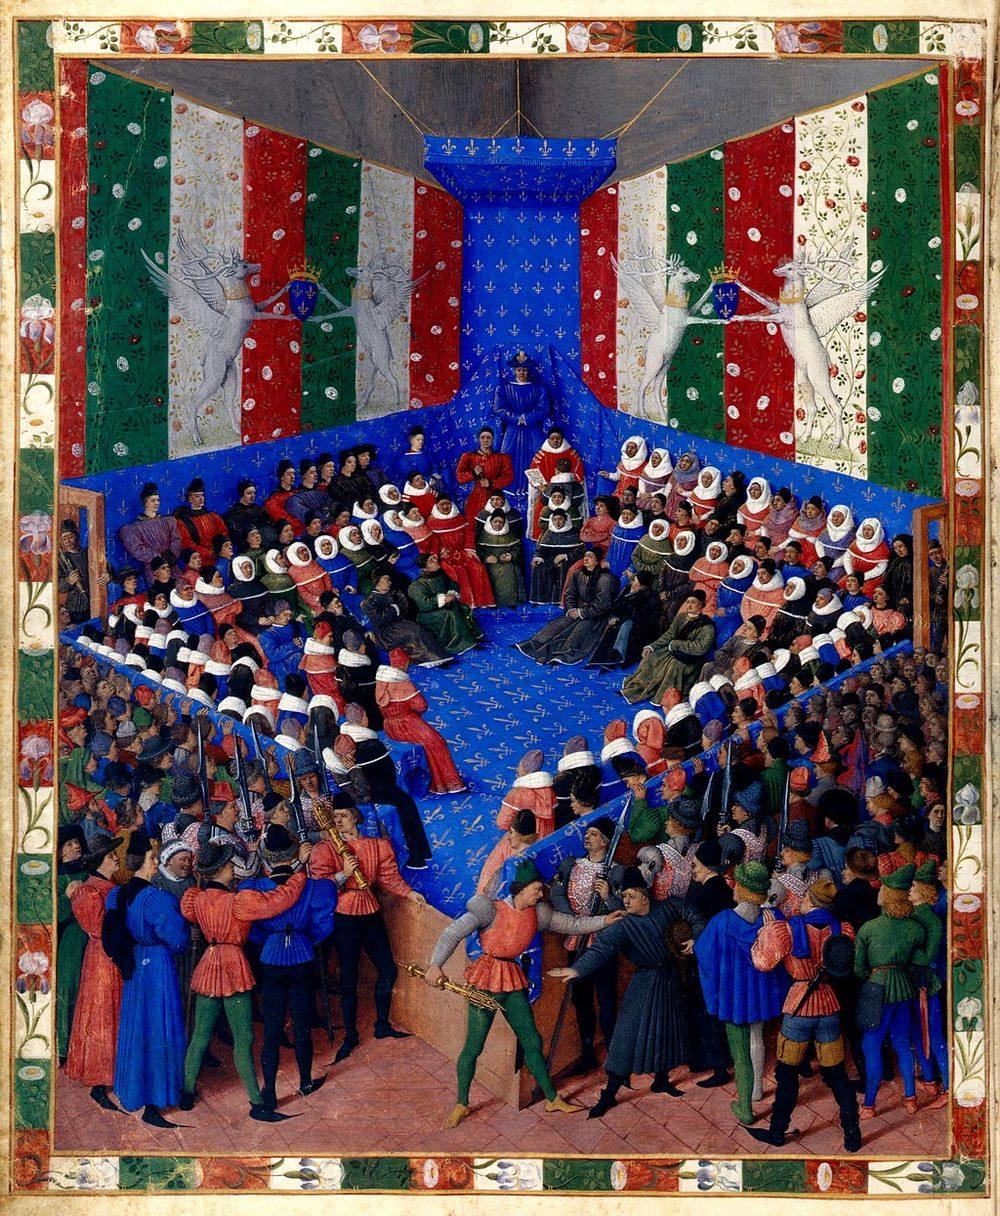 Jean Fouquet, Lit de  justice du roi Charles VII au parlement de Paris, en 1450,Boccace de Munich  Source: Wikimedia - Lien